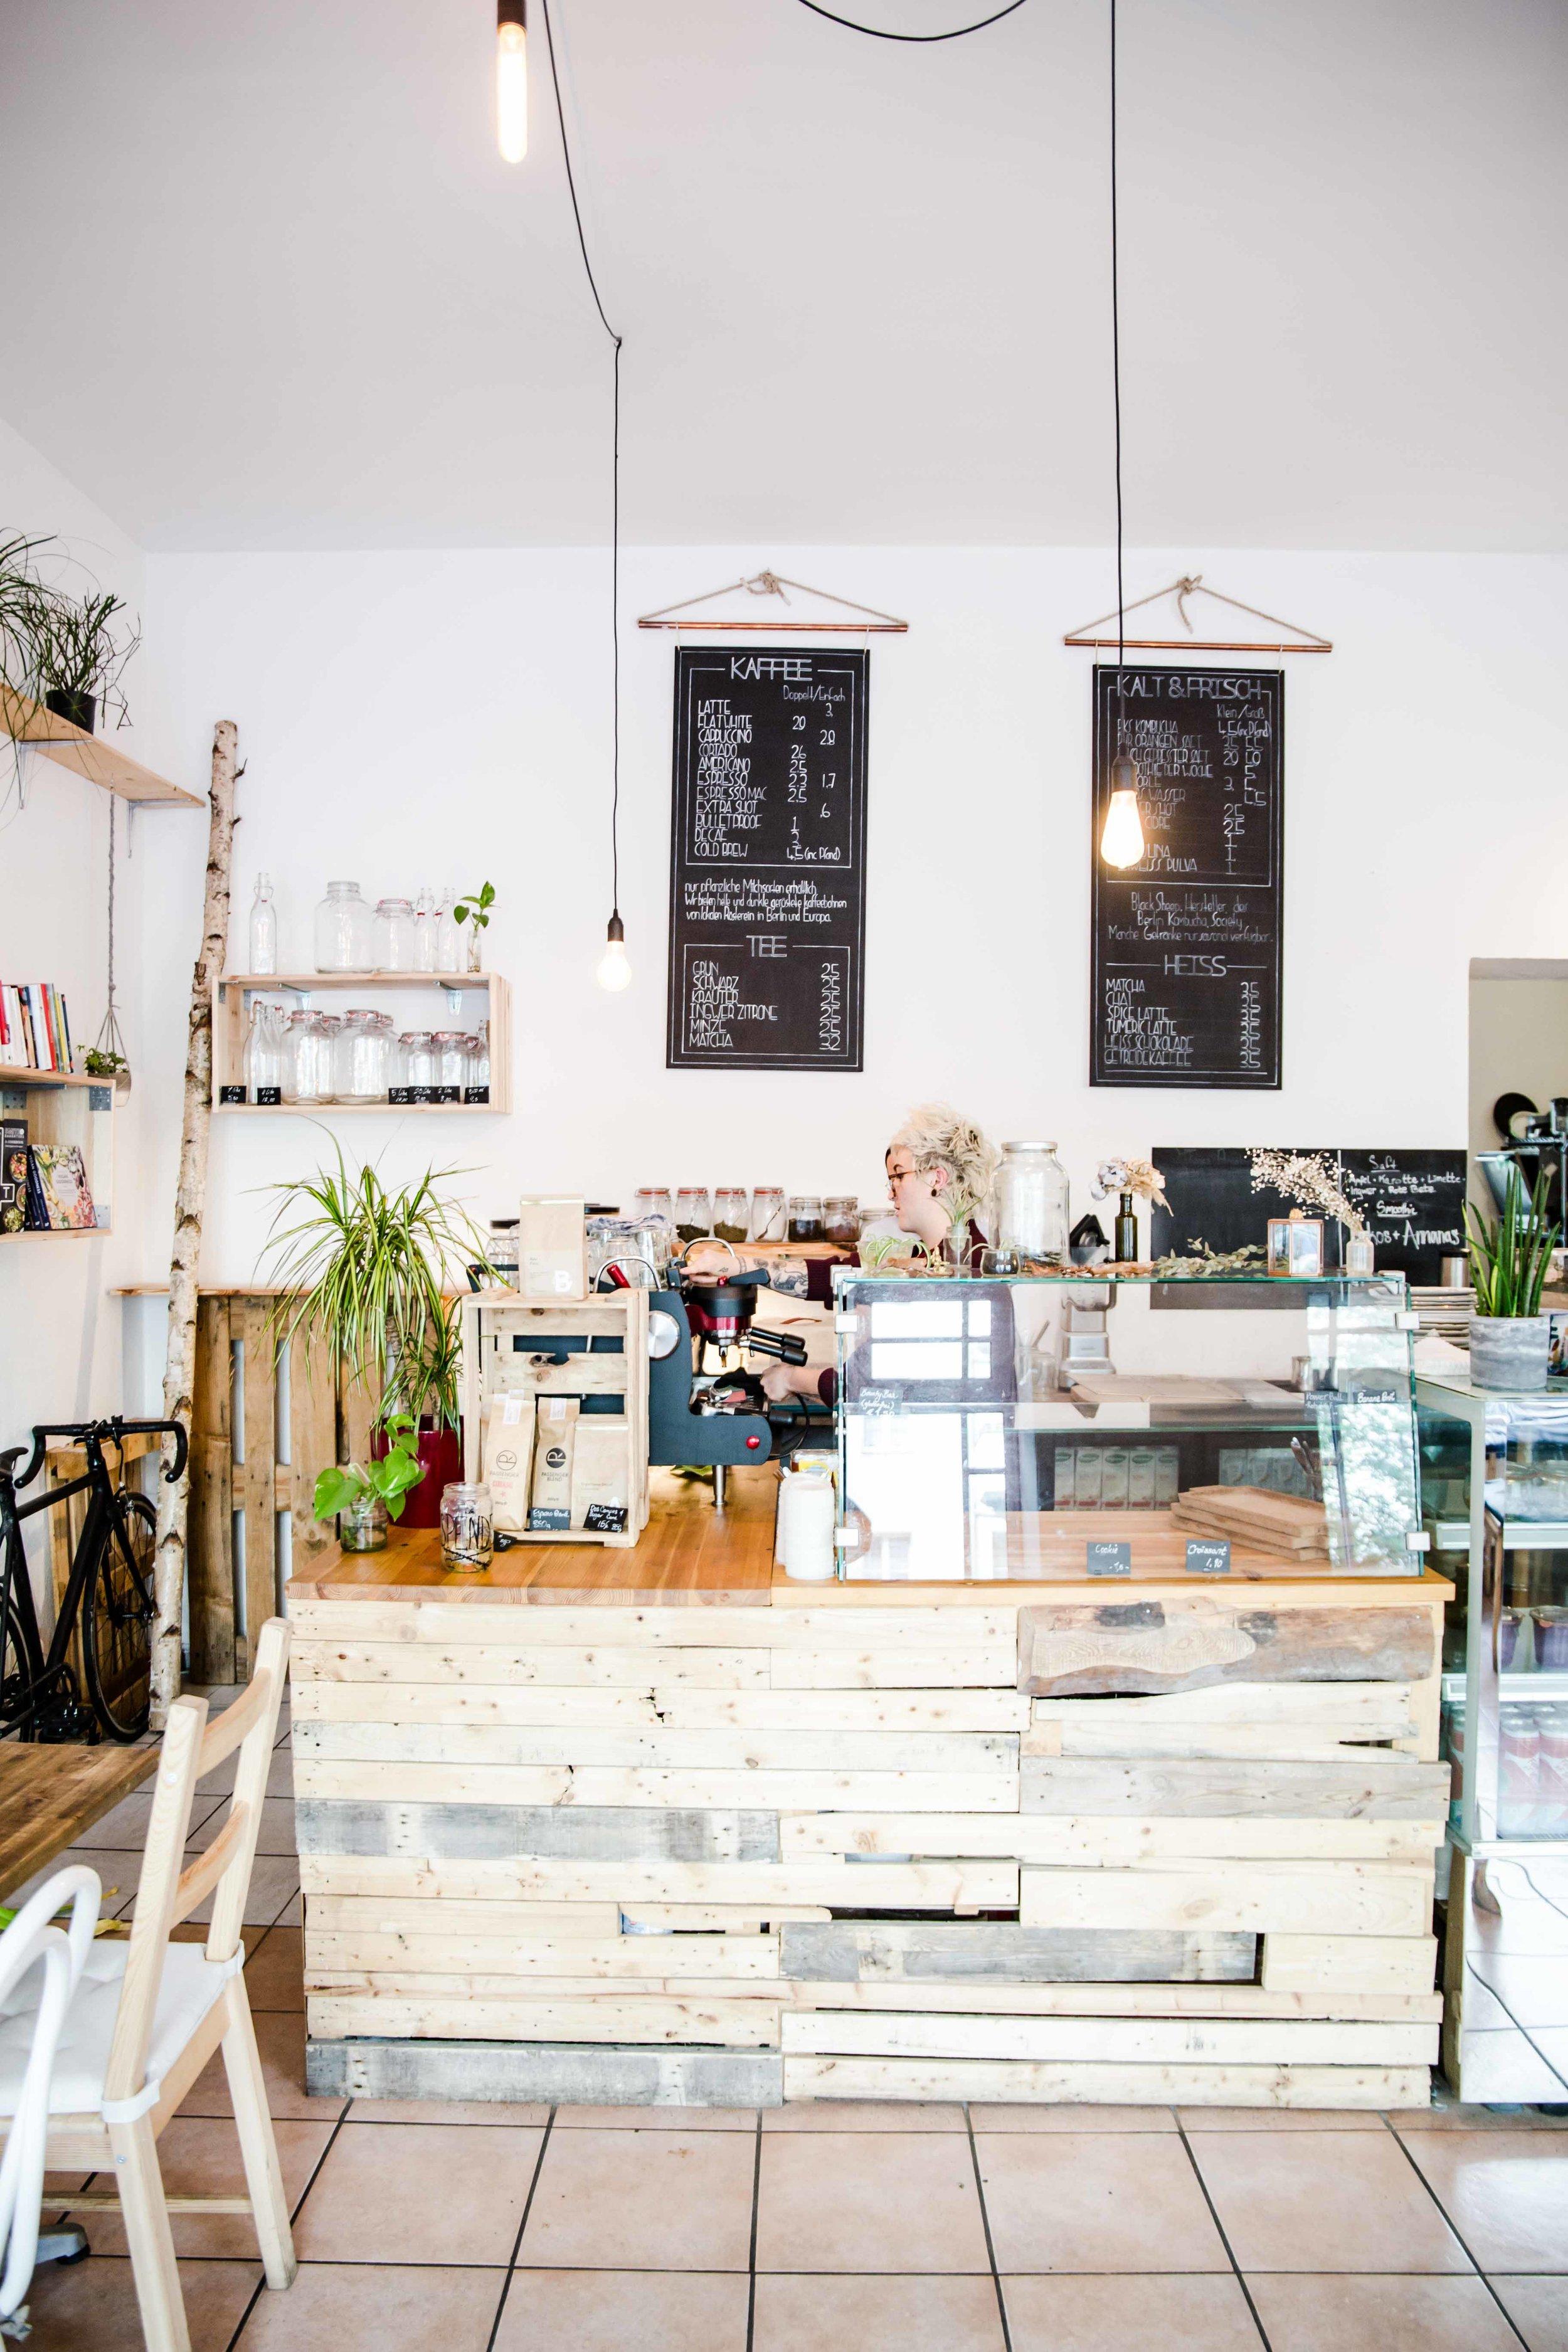 black sheep specialty coffee shop